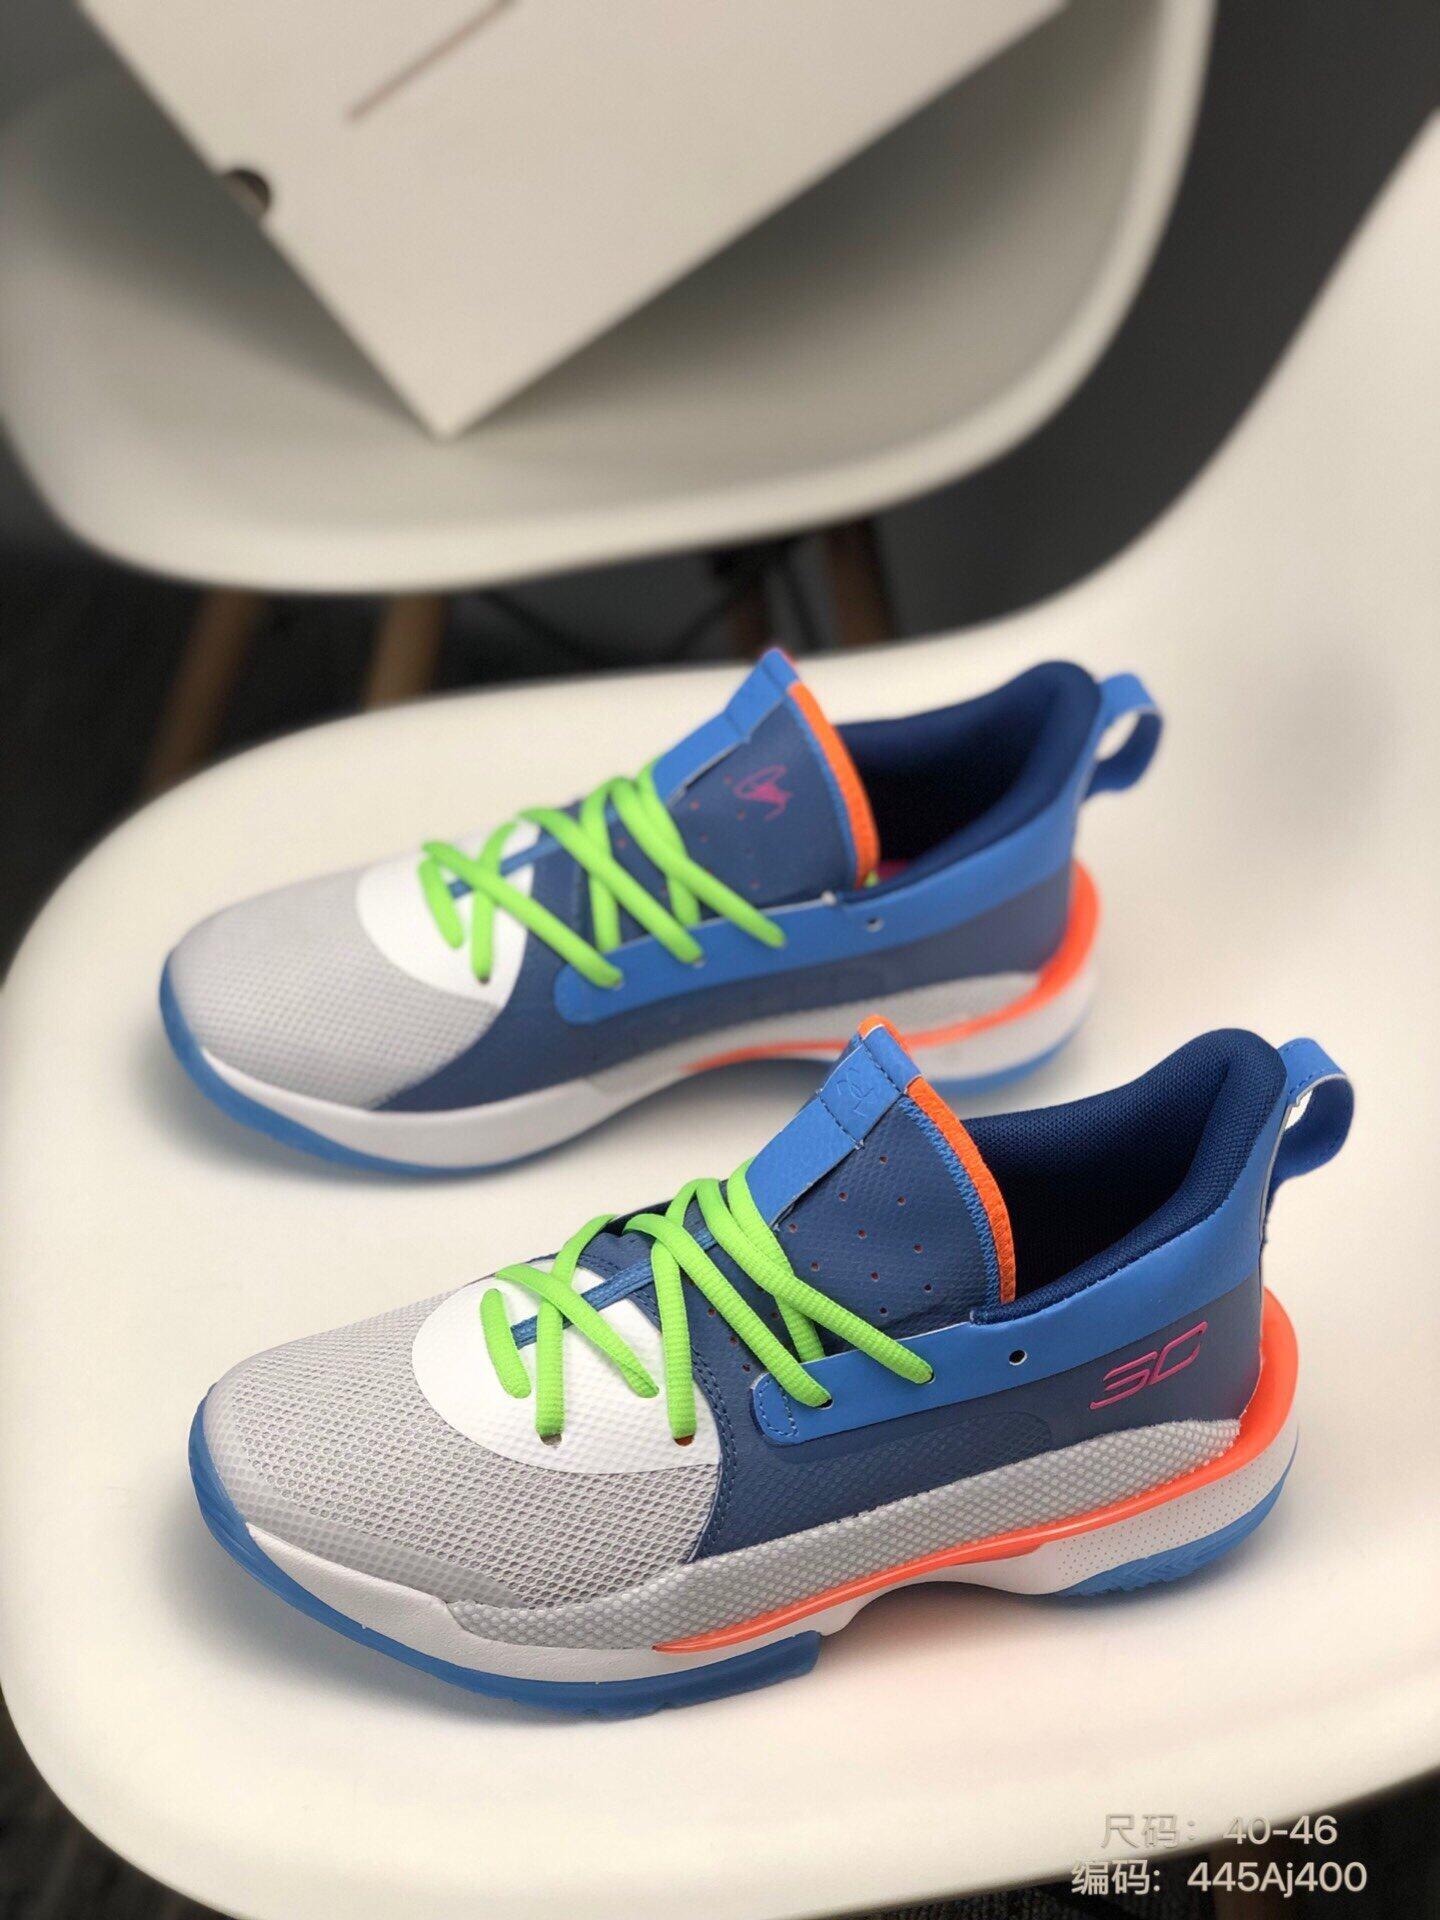 0348官方同步新品 库里7代 实战系列 全新配色缓震实战耐磨鞋